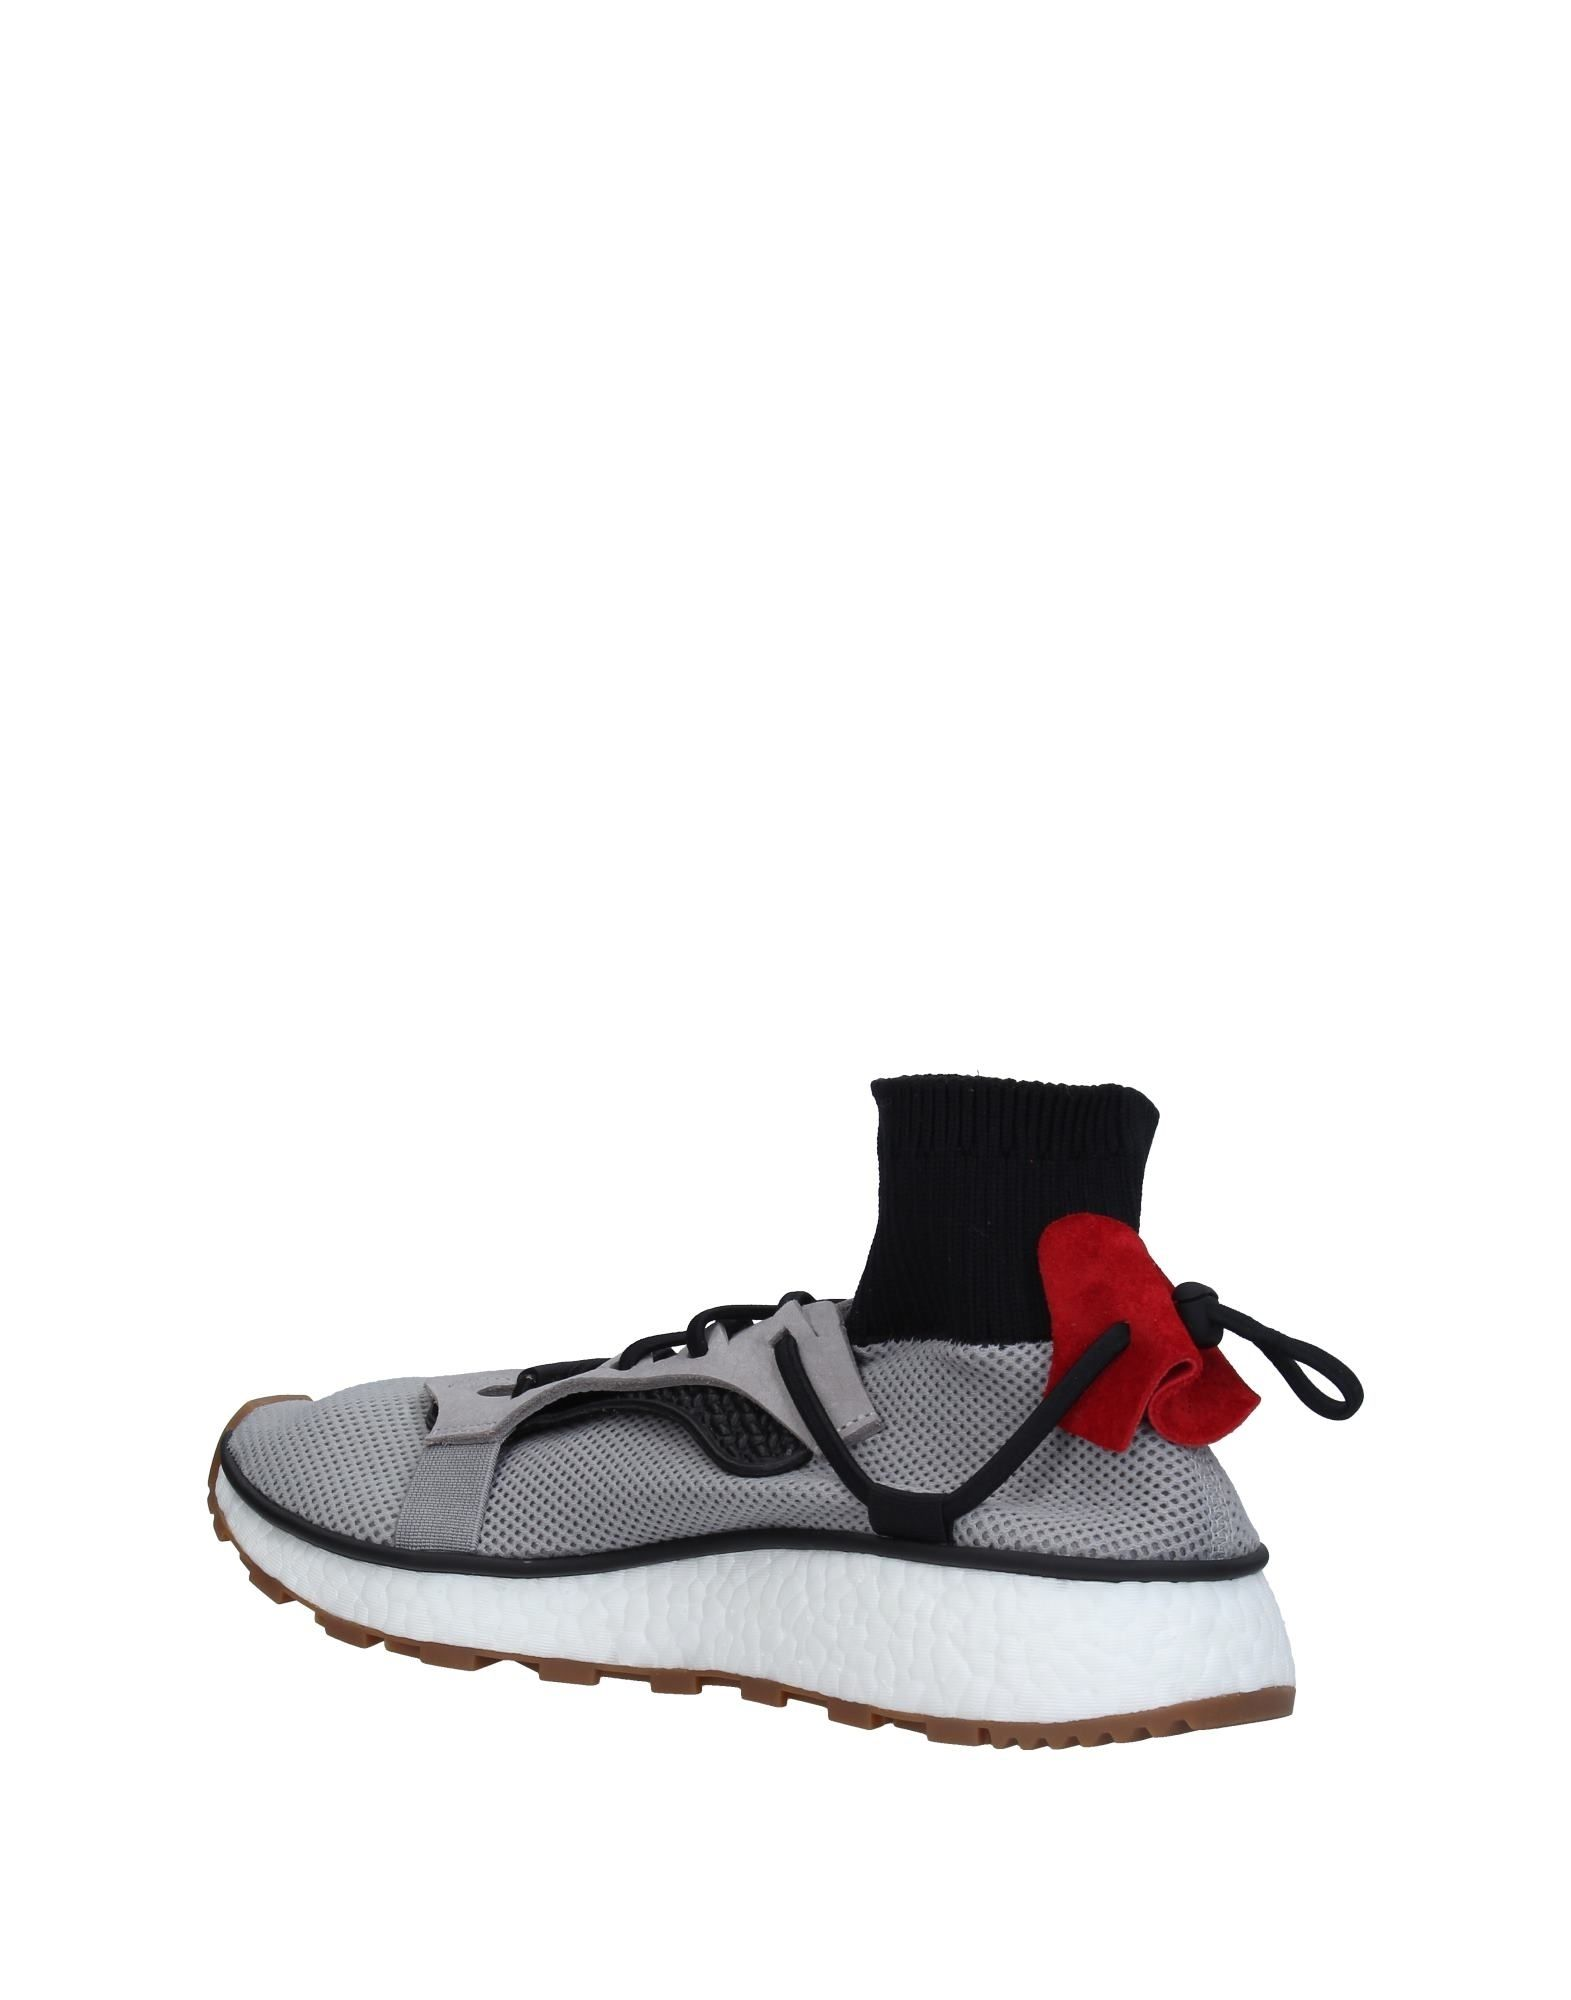 Adidas Originals Sneakers Herren  11330191RH 11330191RH 11330191RH Neue Schuhe 356051